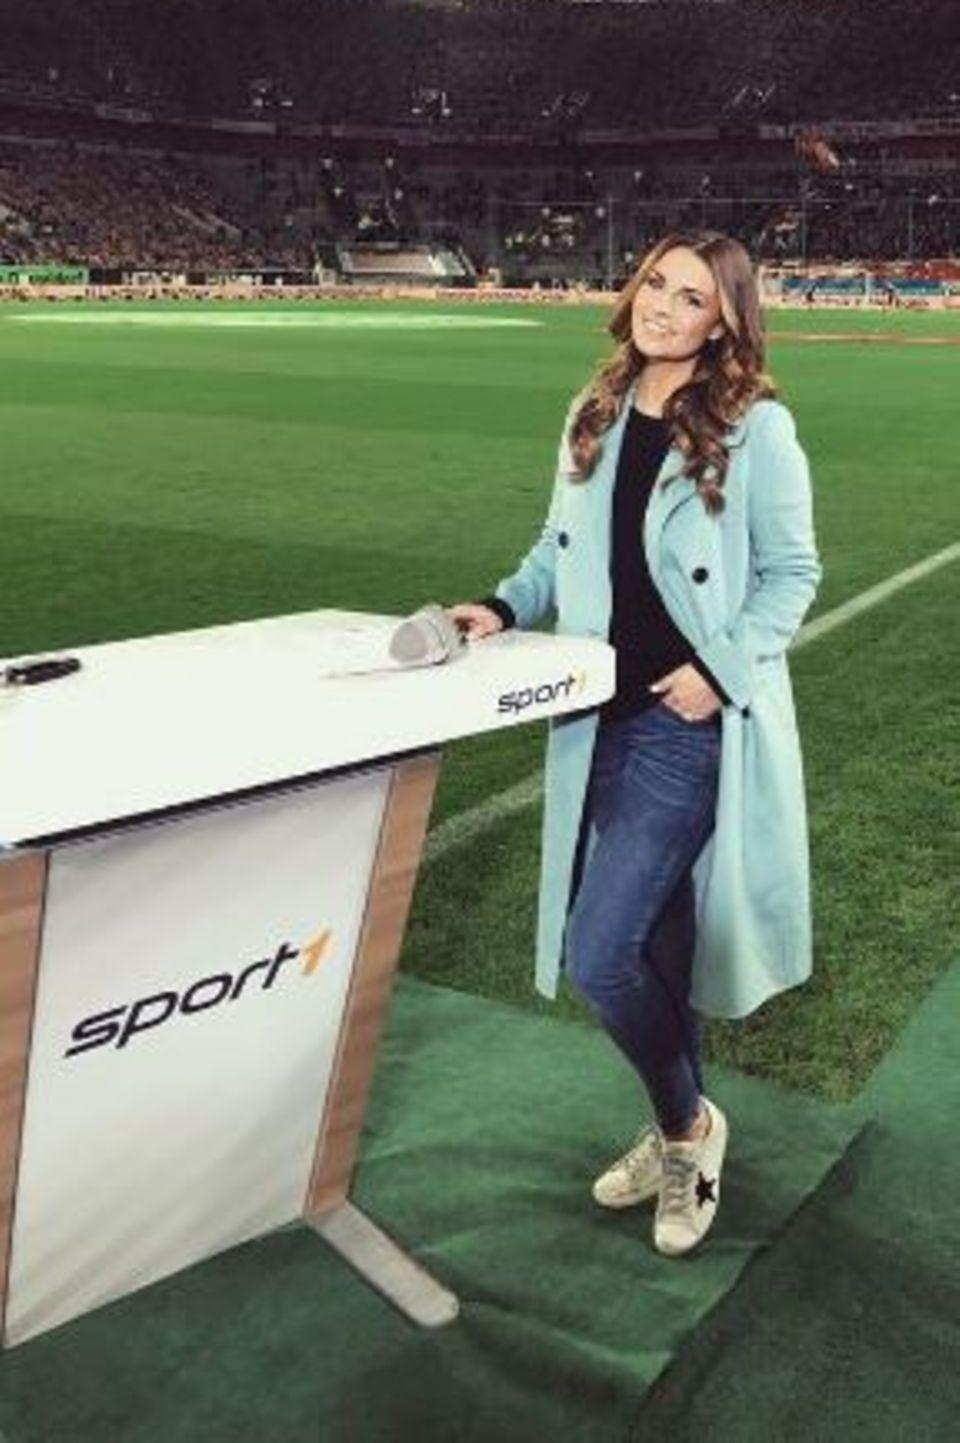 Ihr Herz schlägt für den Fußball - und das in jeder Hinsicht. Nicht nur, dass Laura Wontorra mit dem Köln-Profispieler Simon Zoller verheiratet ist, nein, sie ist auch noch Sportmoderatorin. Wie steil sie die Karriereleiter hochklettert, zeigt ihr neuester Coup. Im März 2017 darf sie erstmals ein Länderspiel der deutschen Nationalelf begleiten.